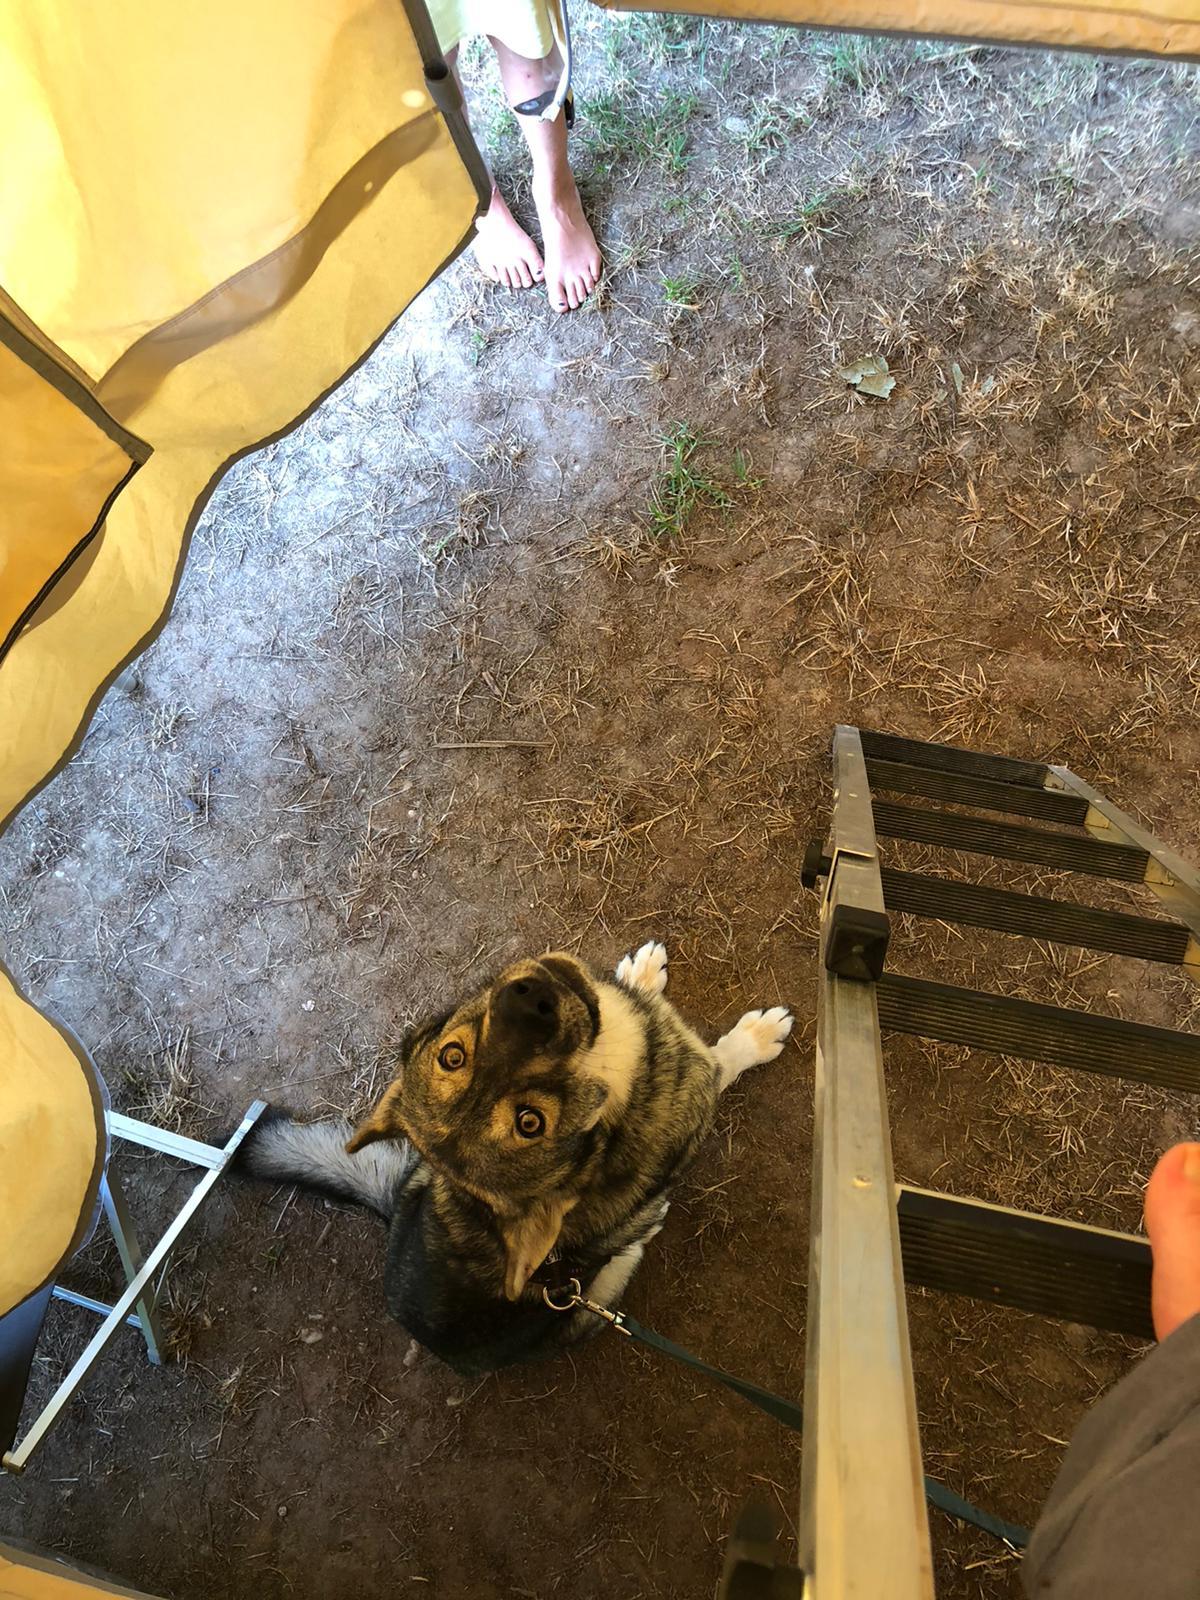 Hund sitzt auf dem Boden in einem Dachzelt Vorzelt, neben einer Leiter und schaut hoch